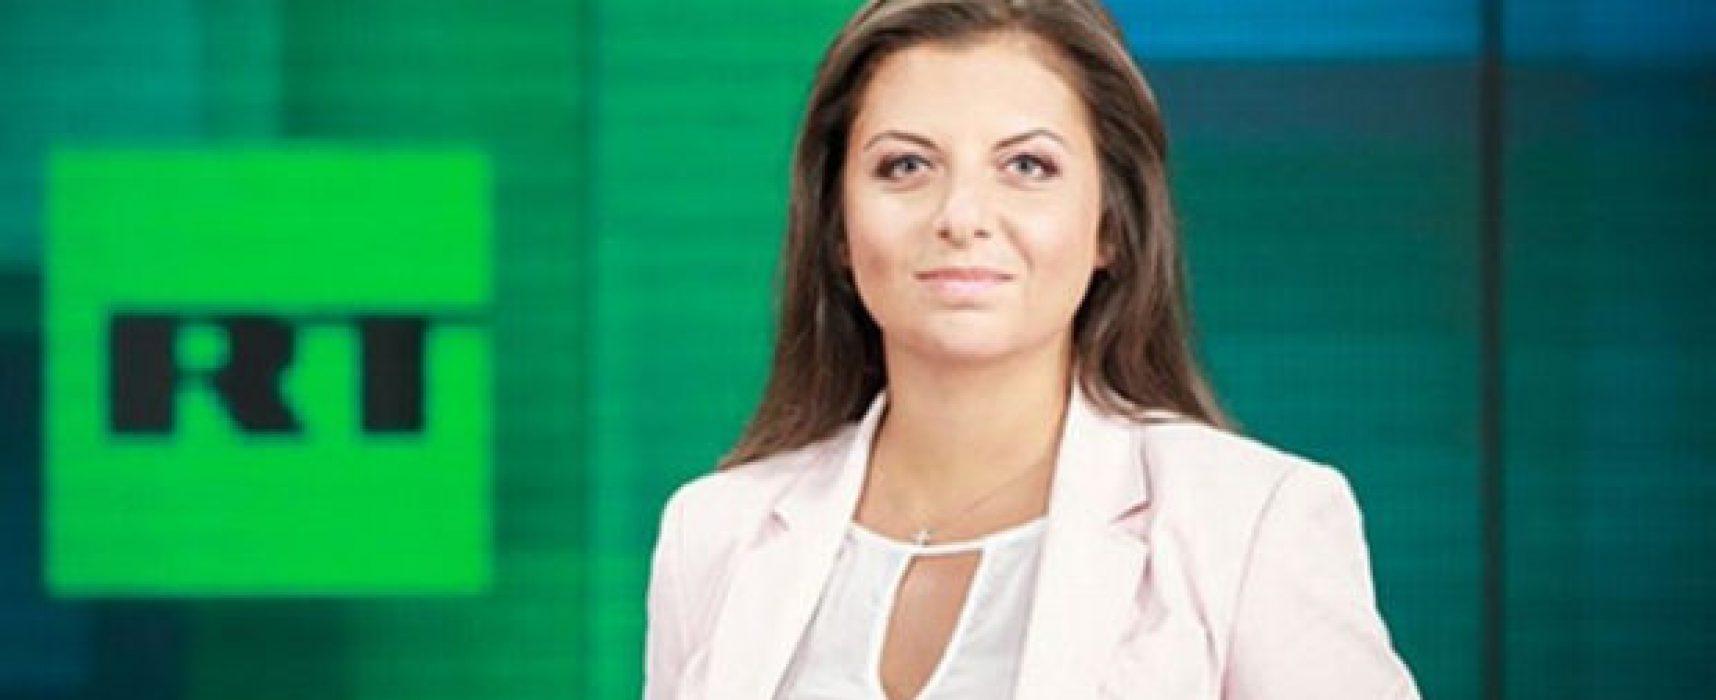 Russia Today może zaprzestać transmitowania swych programów w Stanach Zjednoczonych